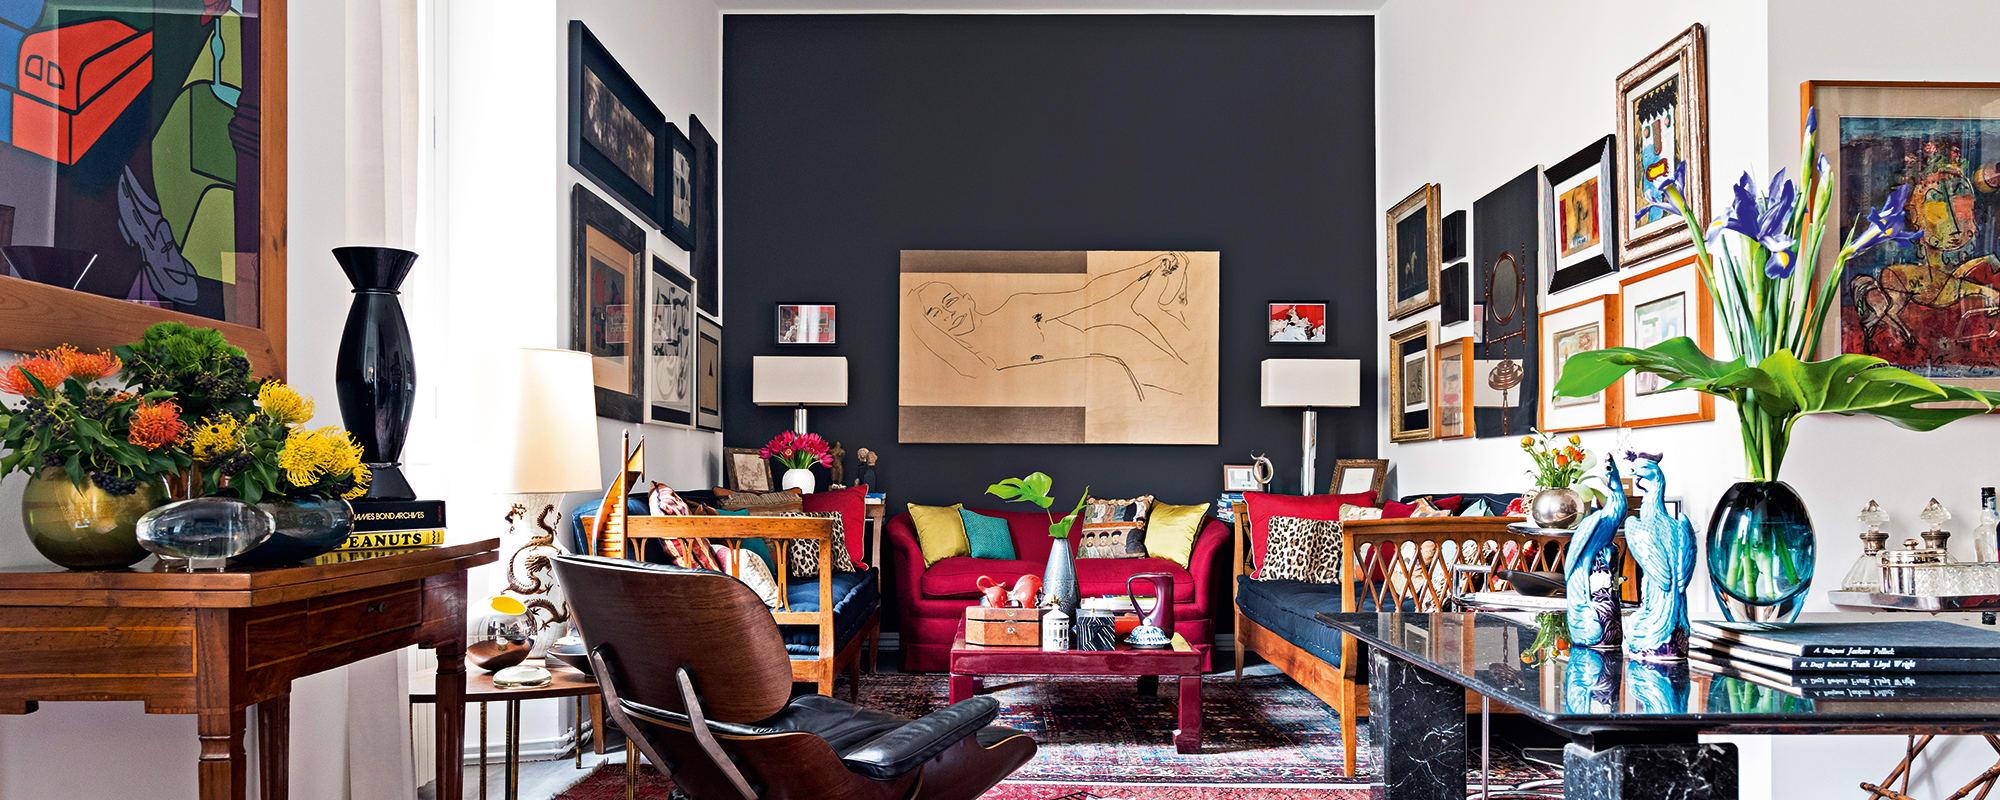 Interiordesign, Nicola Resta, Wohnzimmer, Kunst, Eames, Lounge Chair, Esstisch, Marmor, Giulio Cappellini